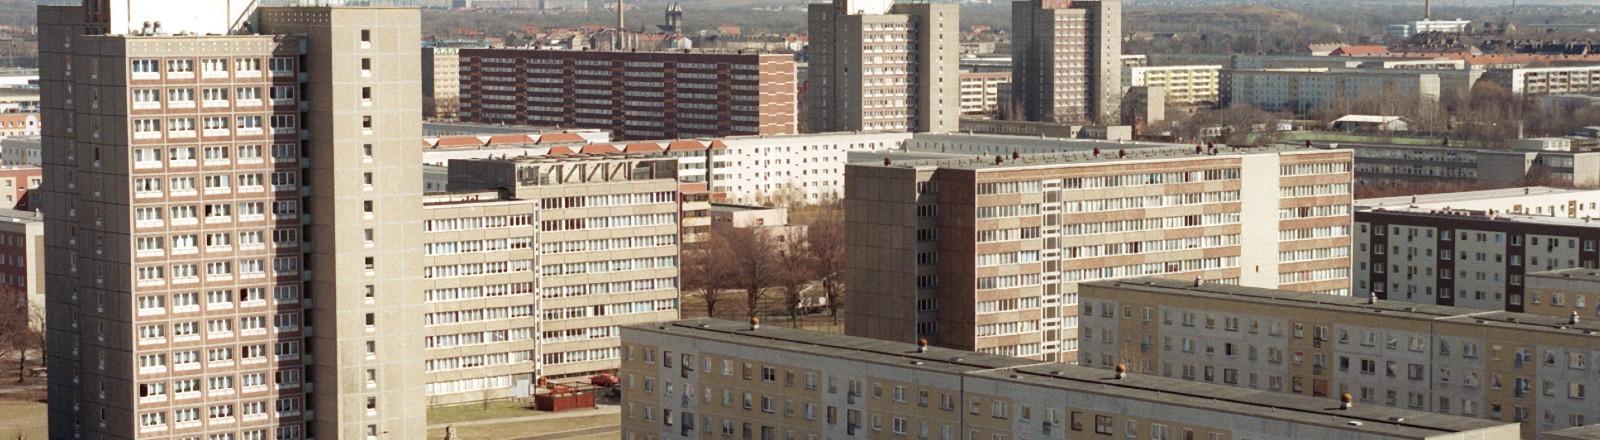 Plattenbausiedlung Leipzig-Grünau. Aufgenommen am 02.04.1996.